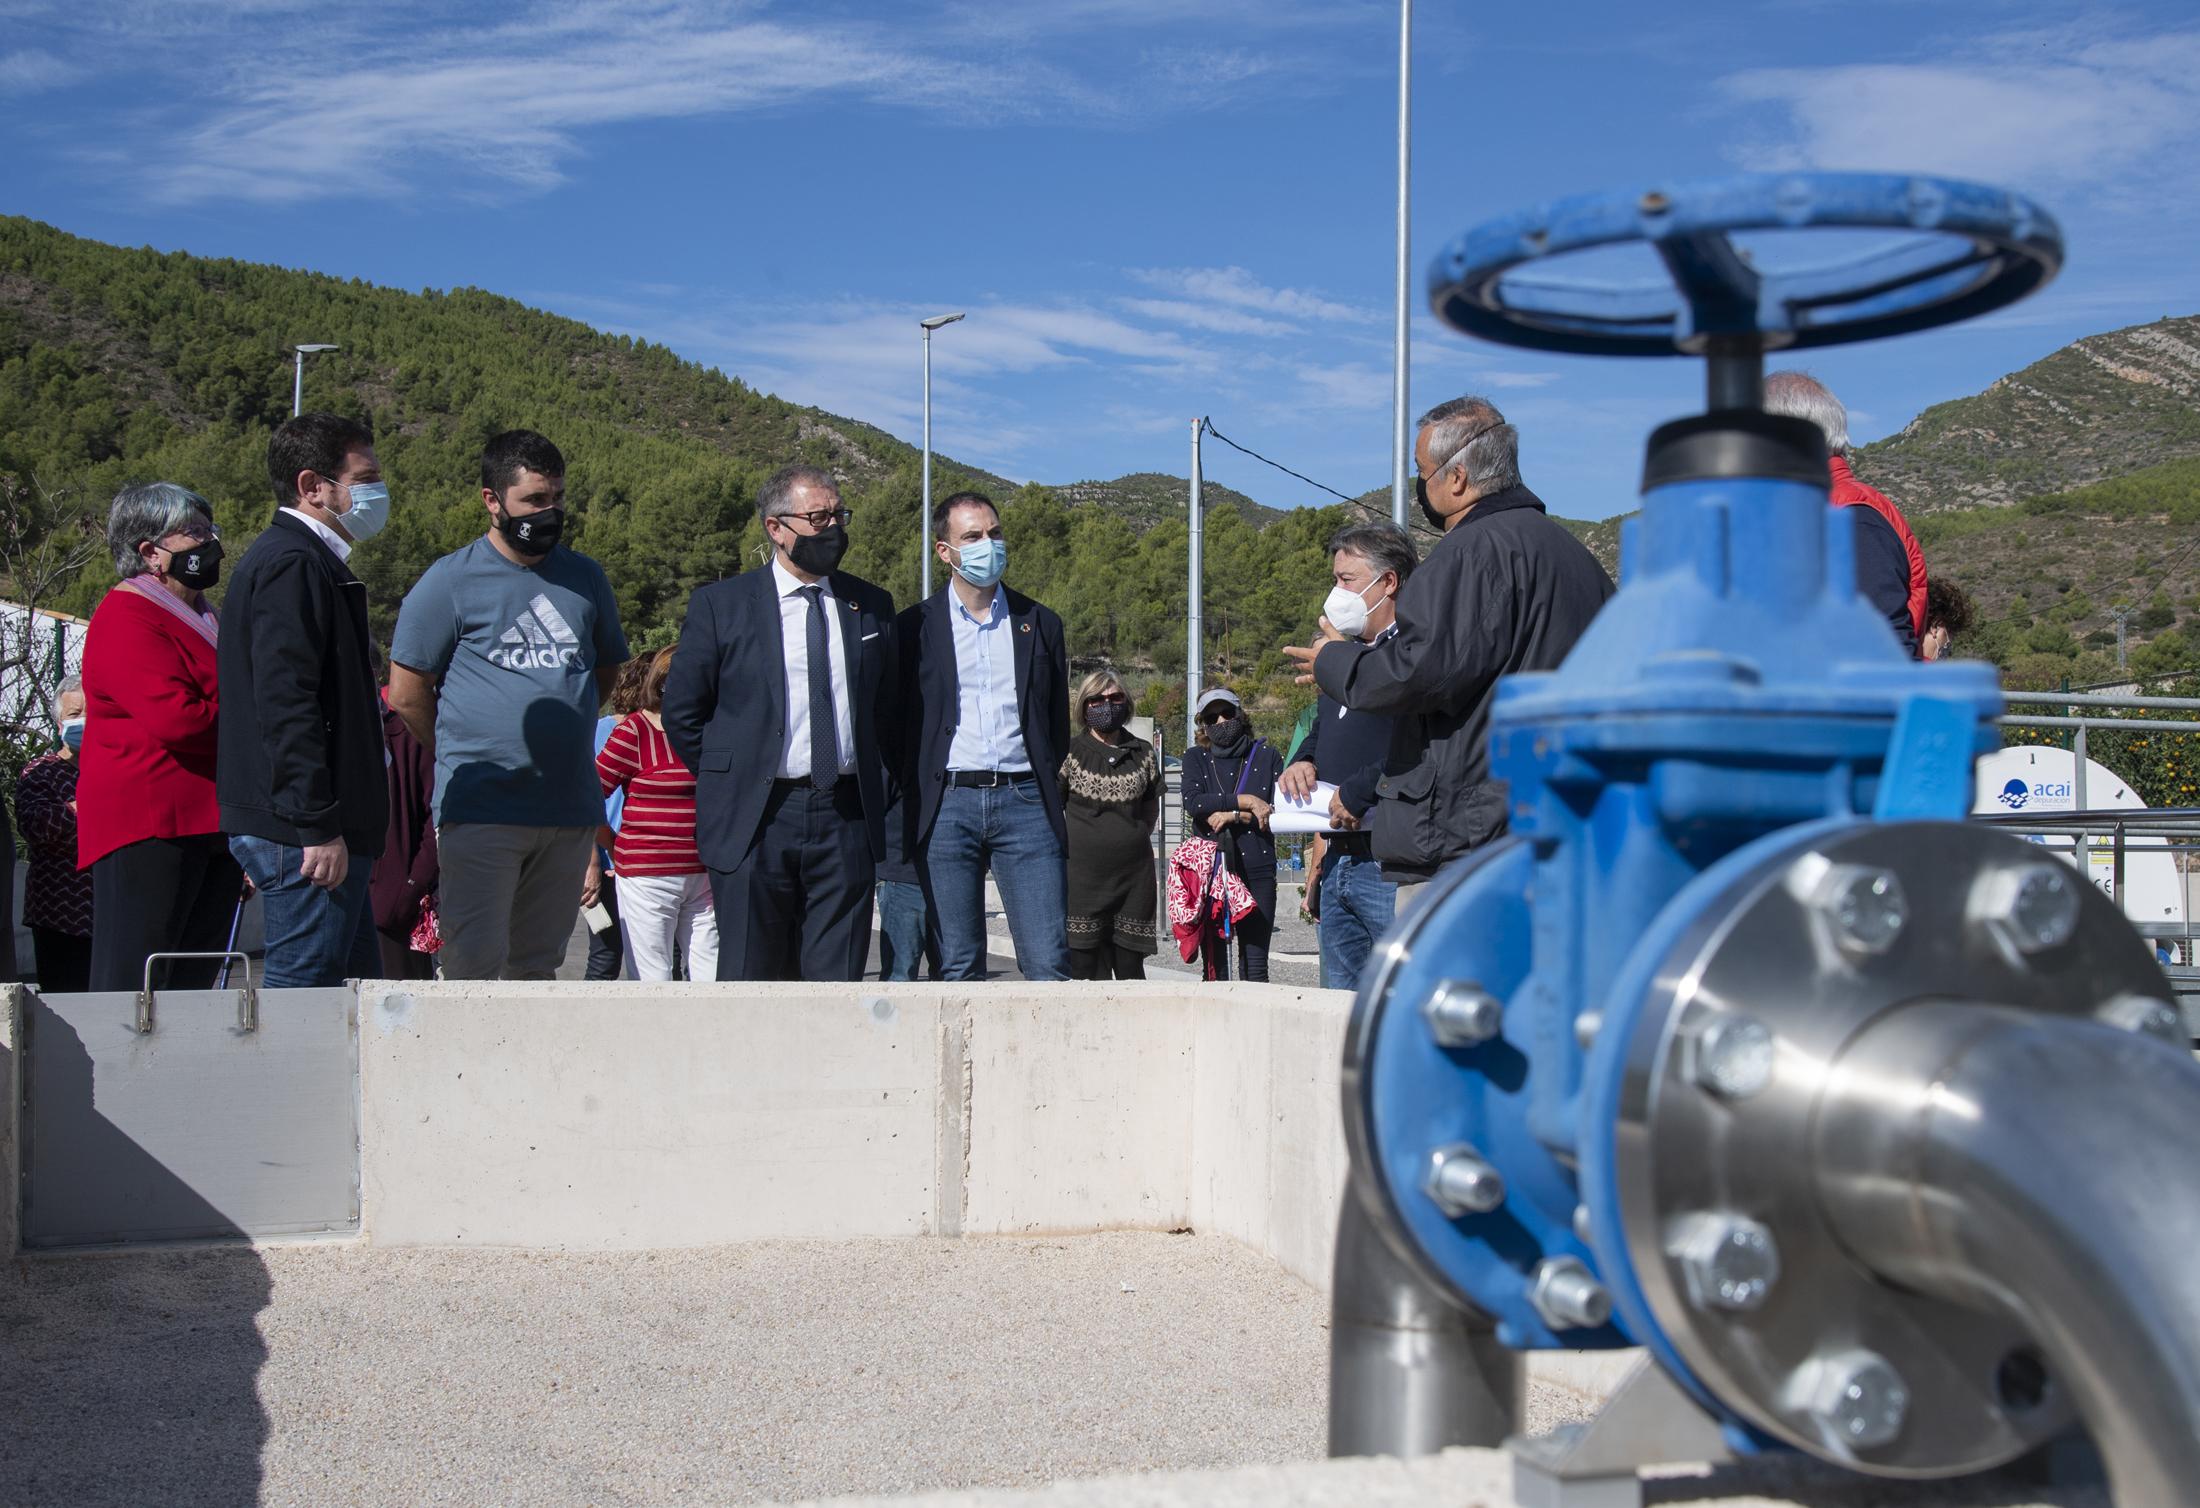 José Martí e Ignasi Garcia inauguran la nueva depuradora de Argelita que pone fin a 40 años de vertidos al río Villahermosa